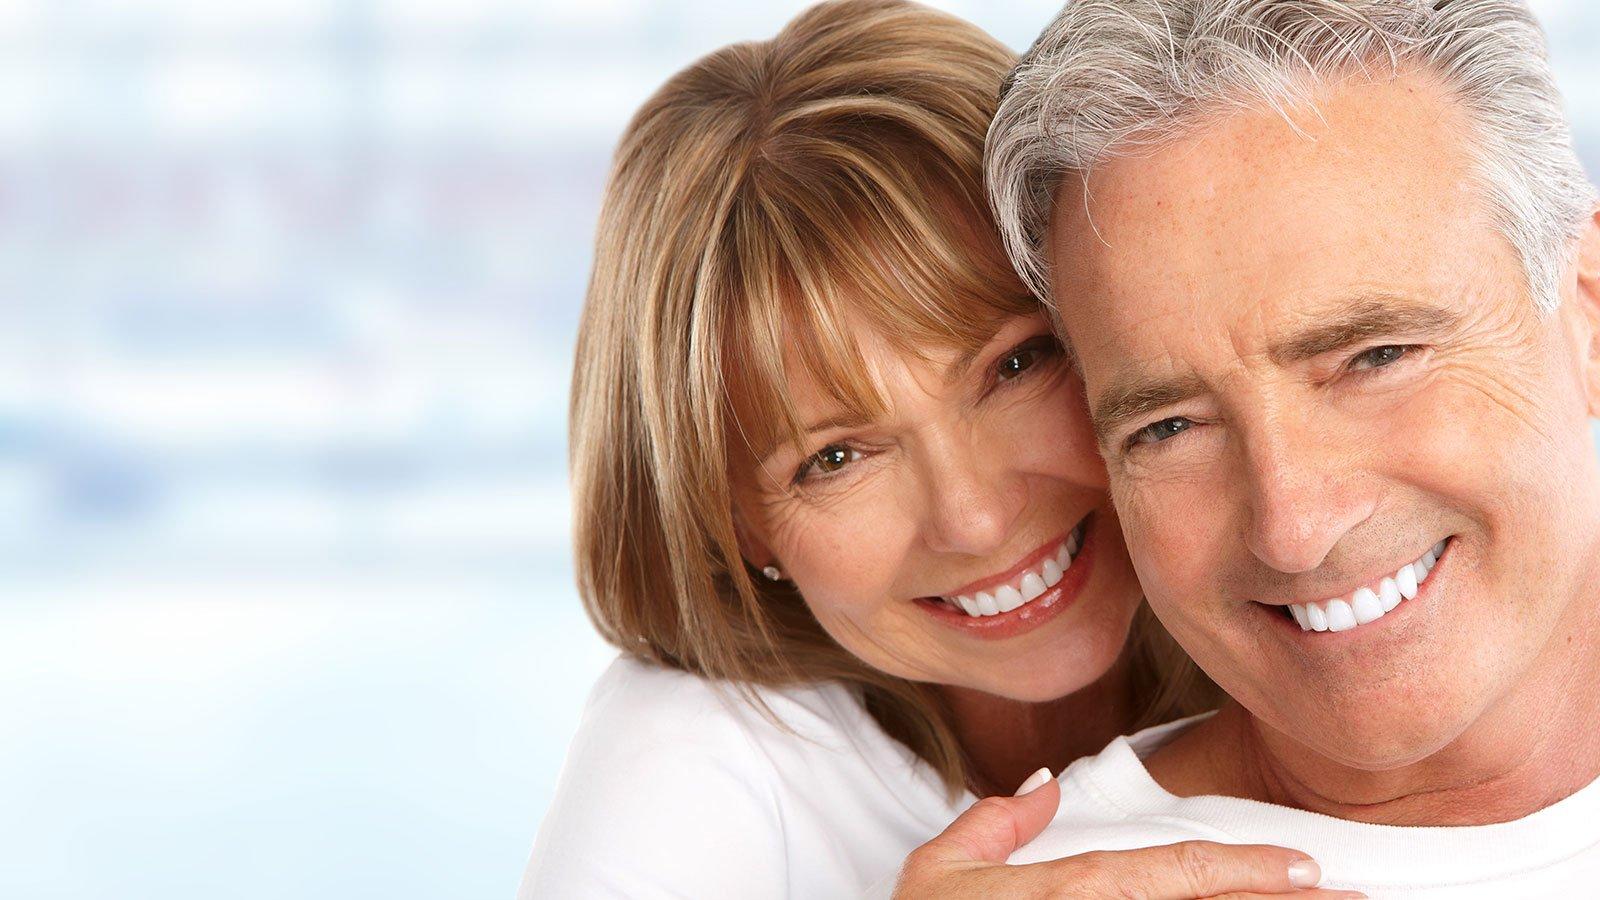 una coppia abbracciata mentre sorride